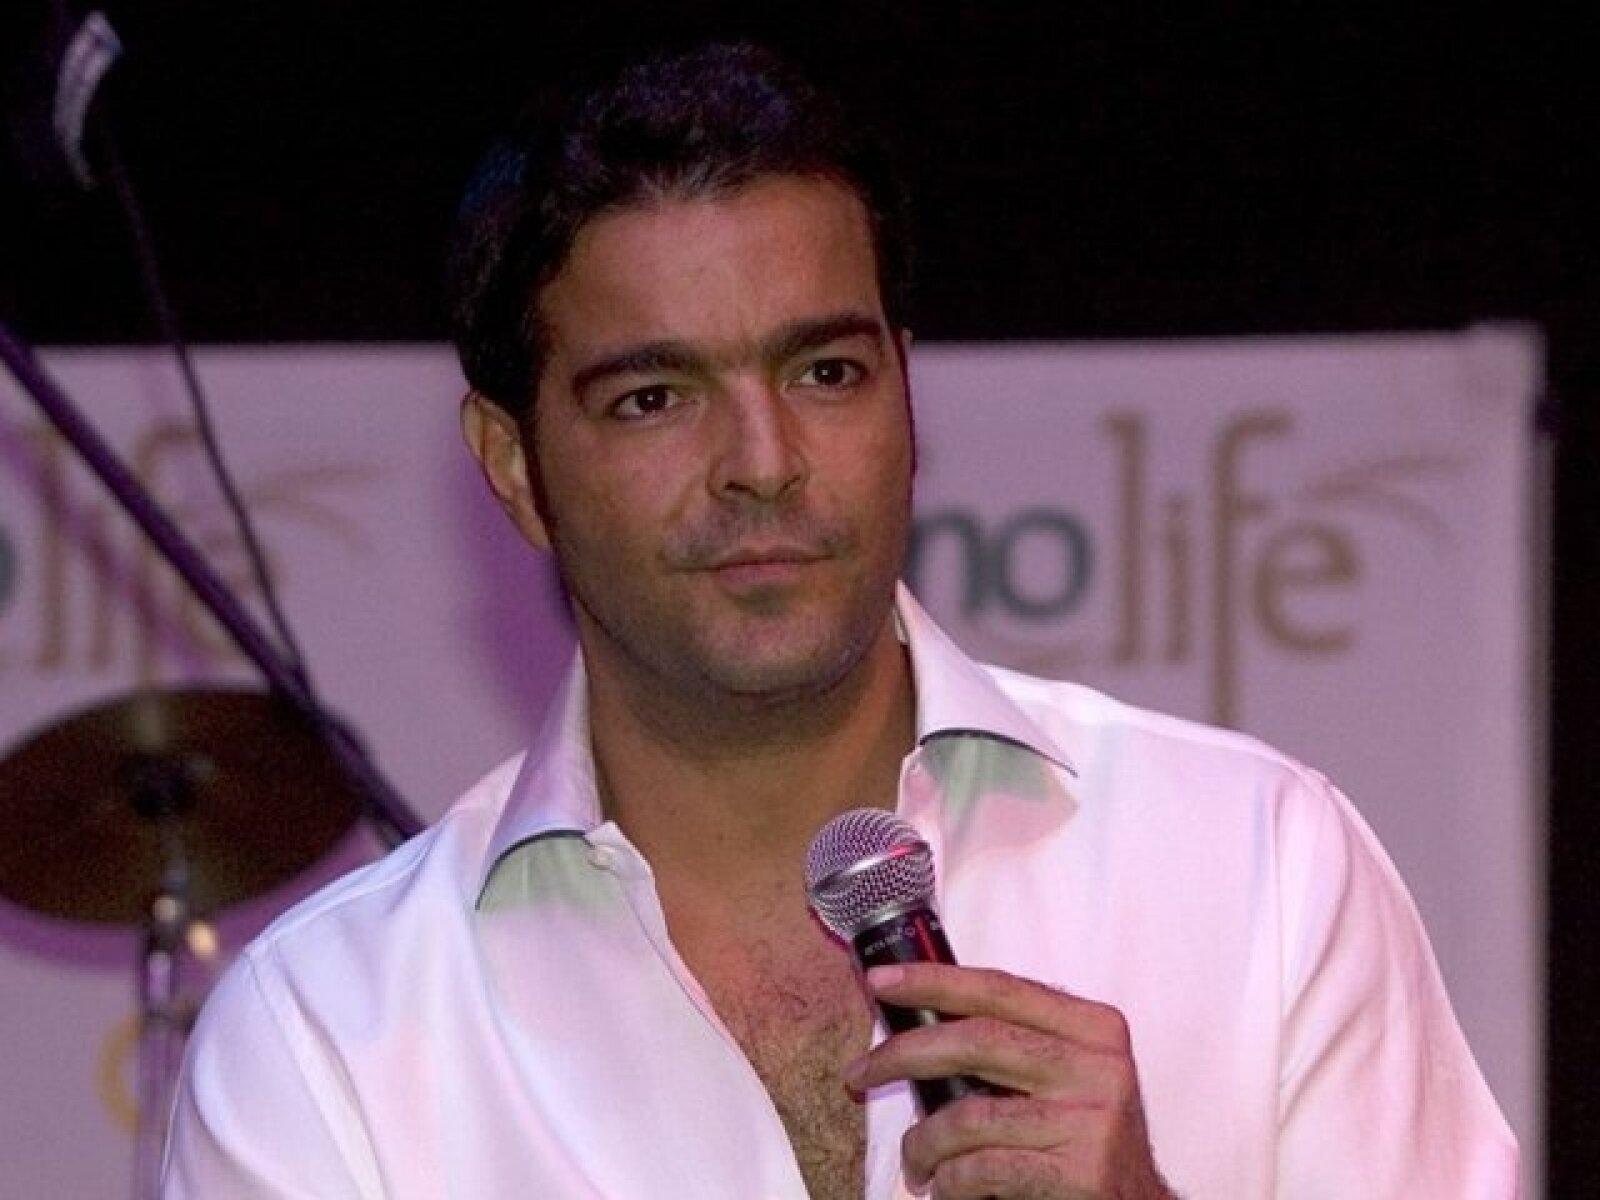 El cantante Pablo montero fue acusado de una supuesta agresión contra su novia, Pamela Soledad.